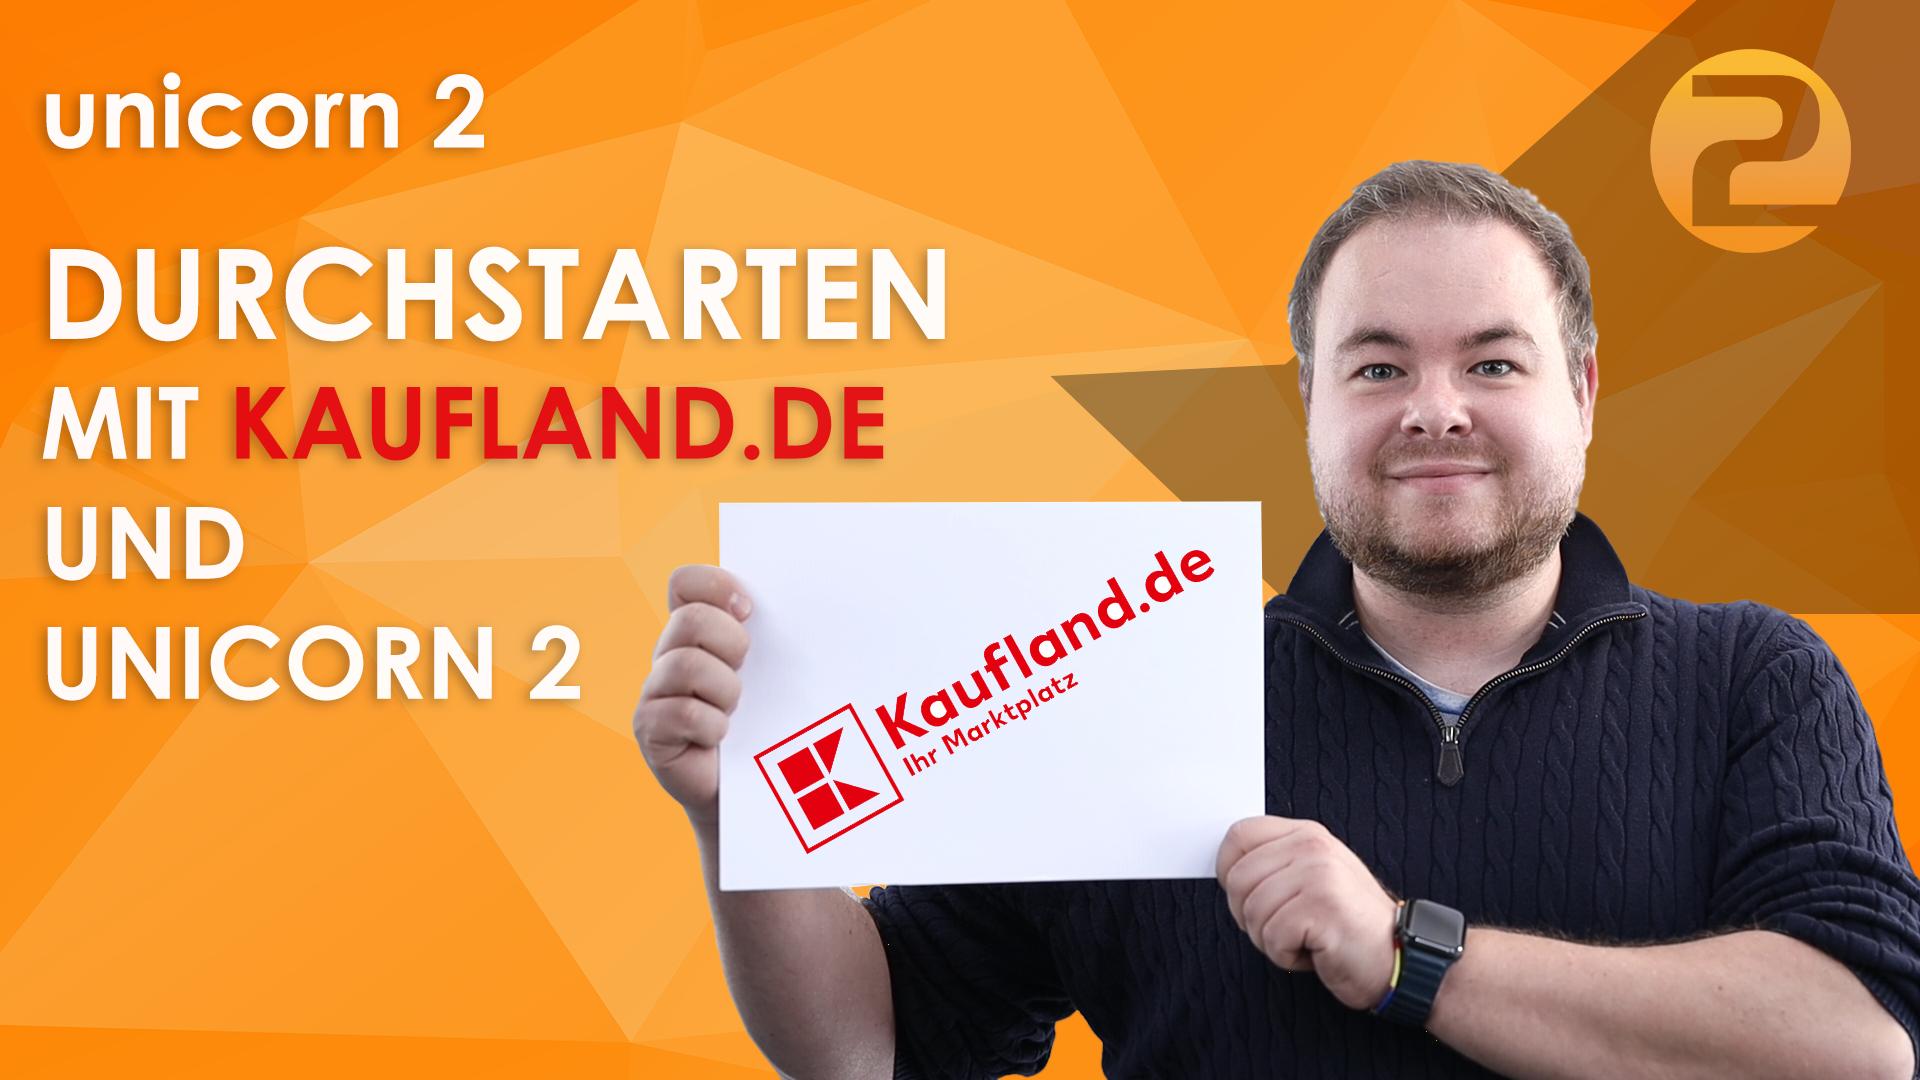 Das Bild zeigt eine Person und das Logo von Kaufland.de.